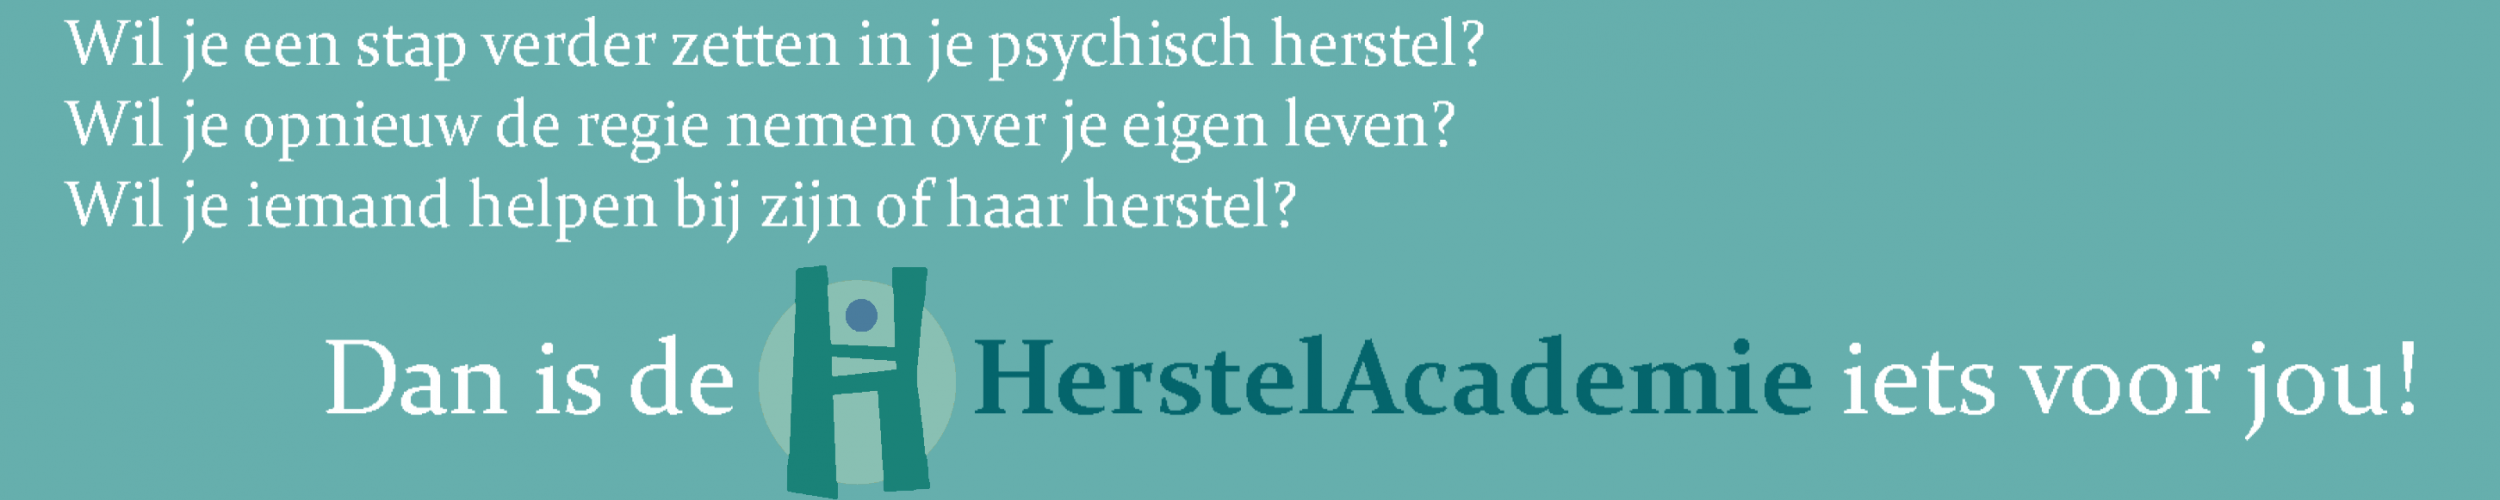 HerstelAcademie Oost-Vlaanderen ADS